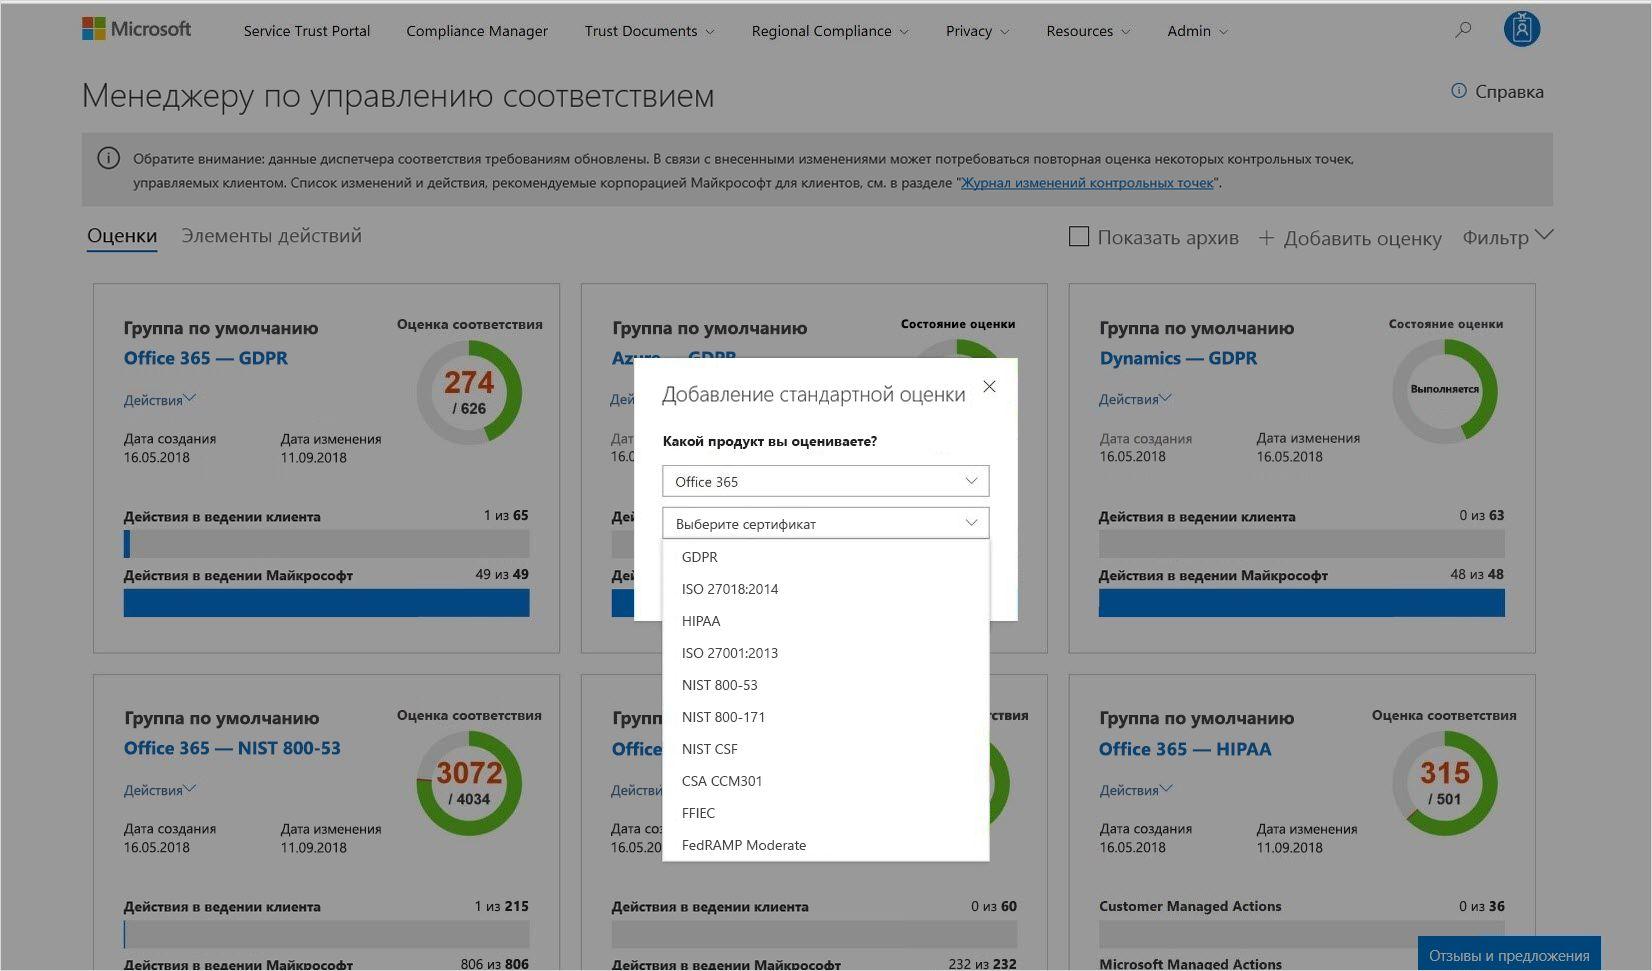 Снимок экрана: стандартная оценка в диспетчере соответствия требованиям